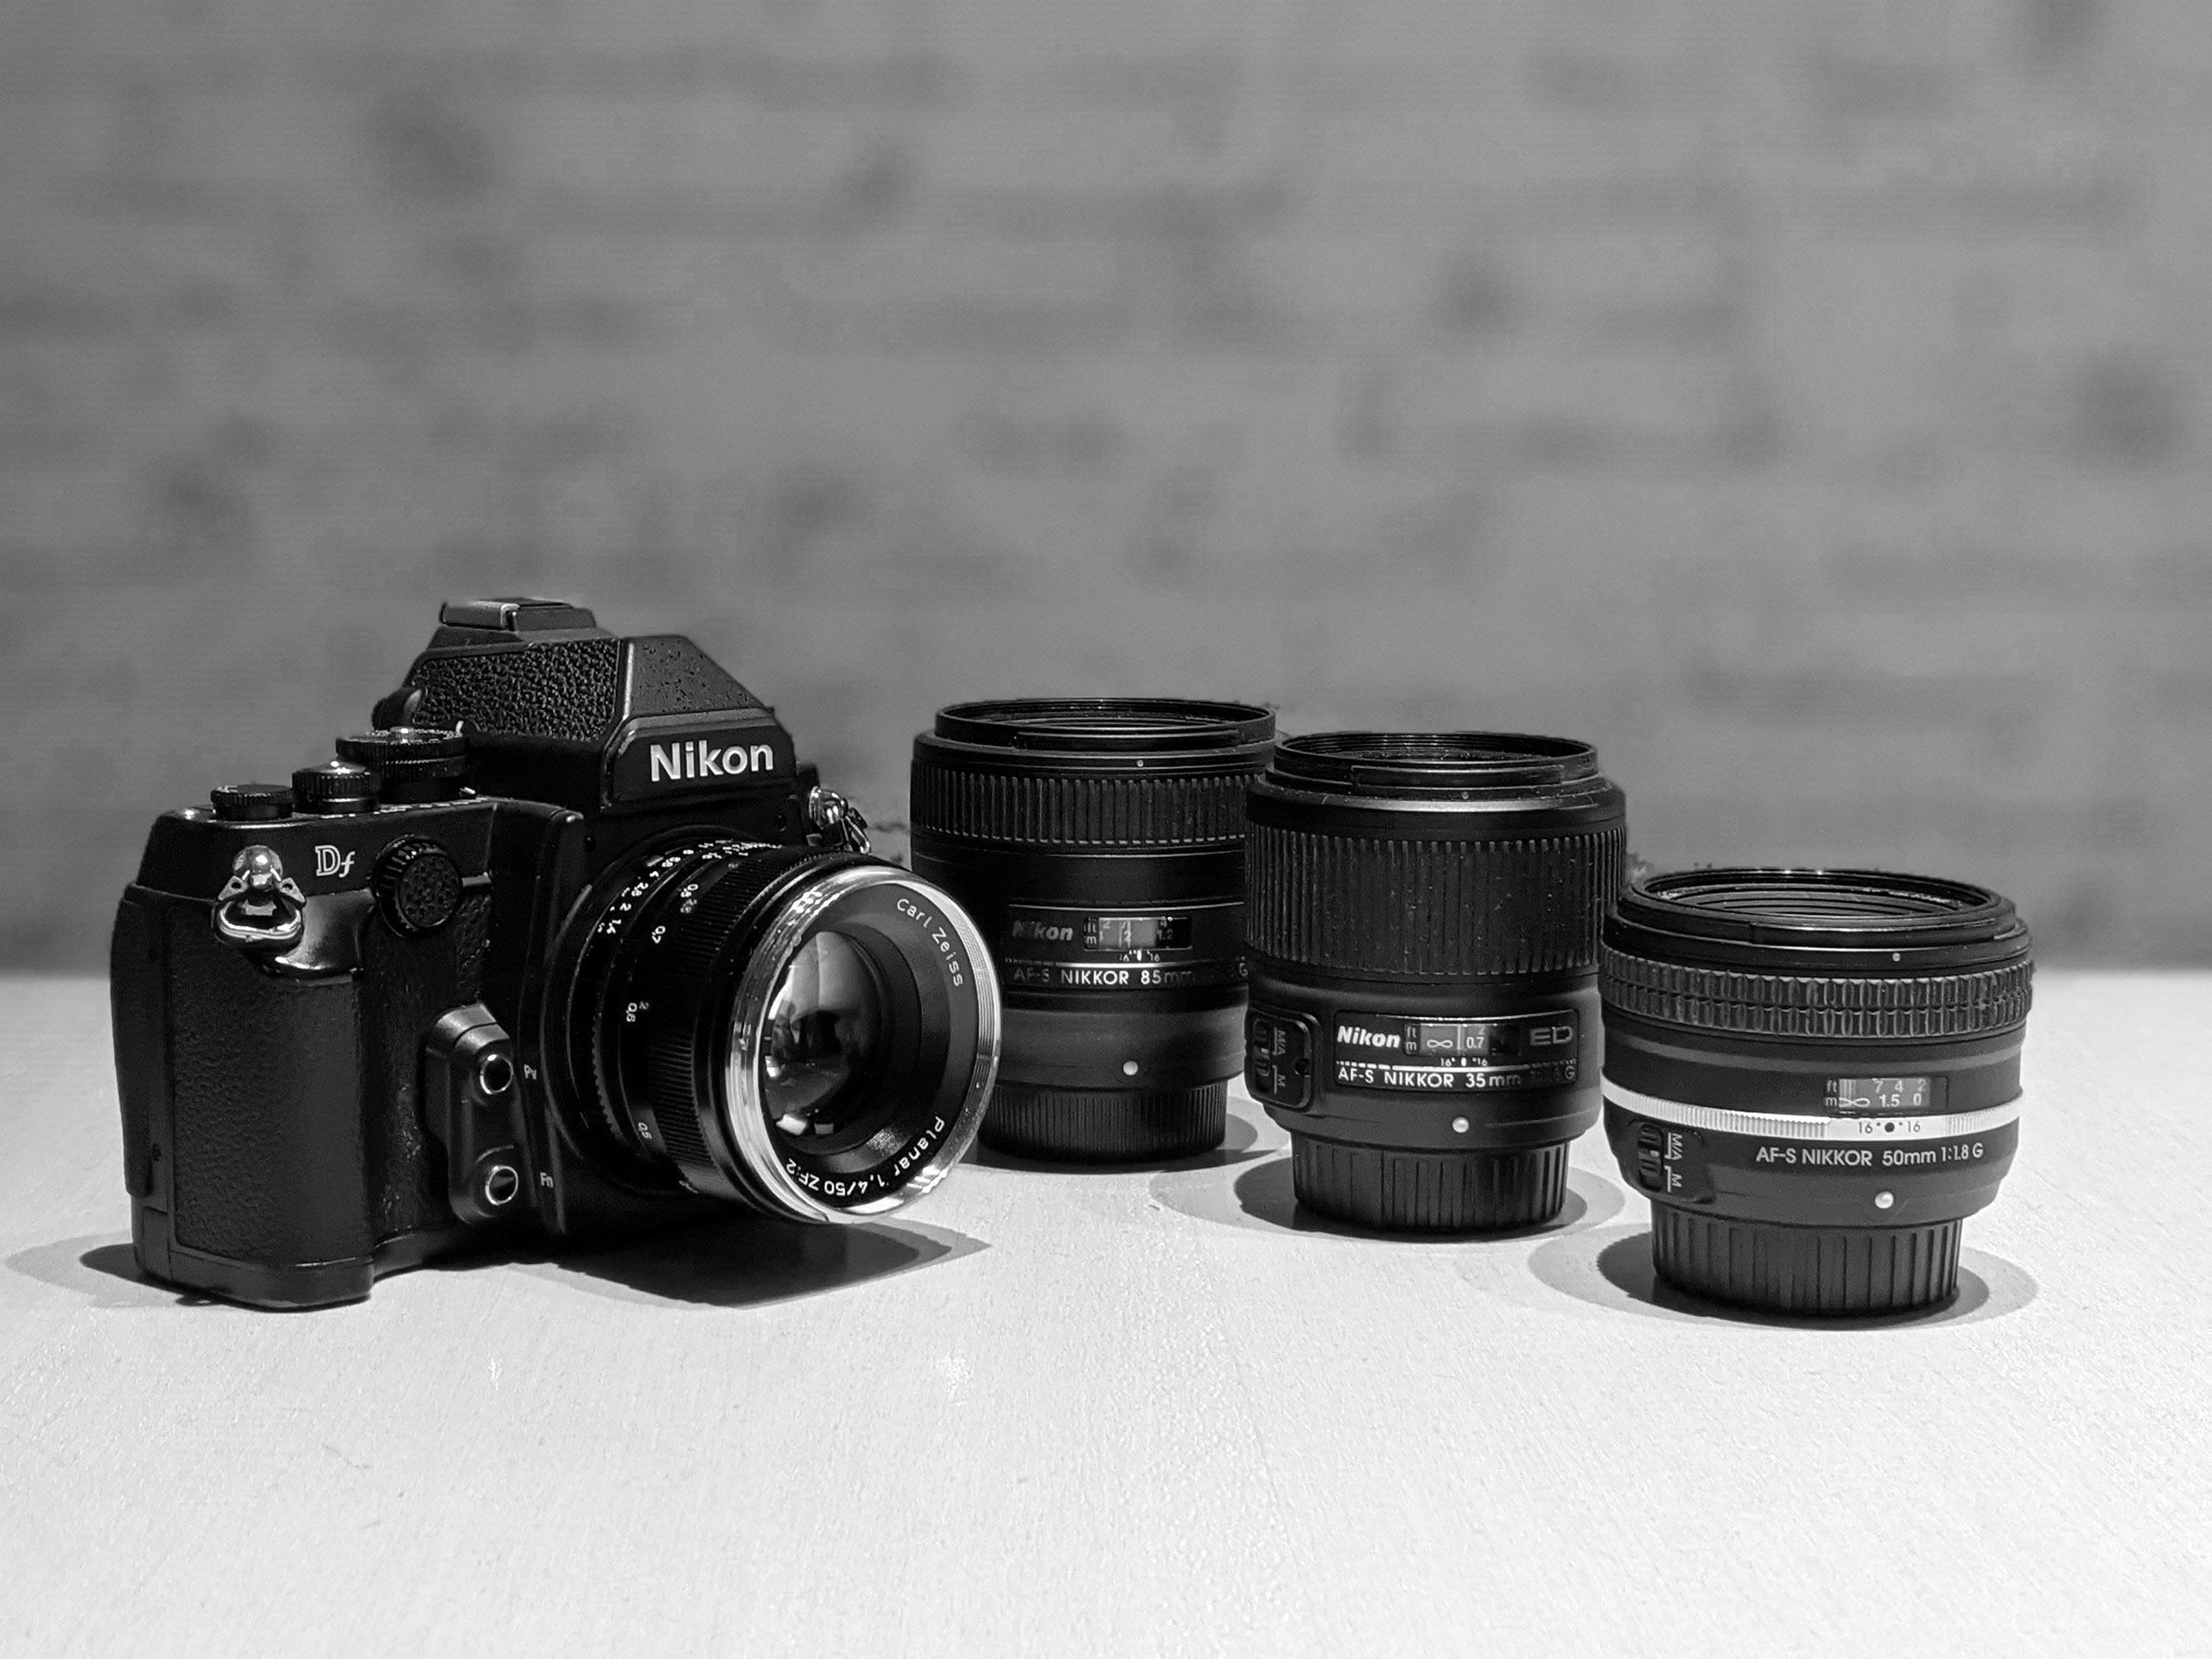 Mein Objektiv-Setup 2020: 4 Festbrennweiten. Nikons 1,8er Objektive mit 35, 50 und 85mm Brennweite und ein Zeiss 50mm 1,4.